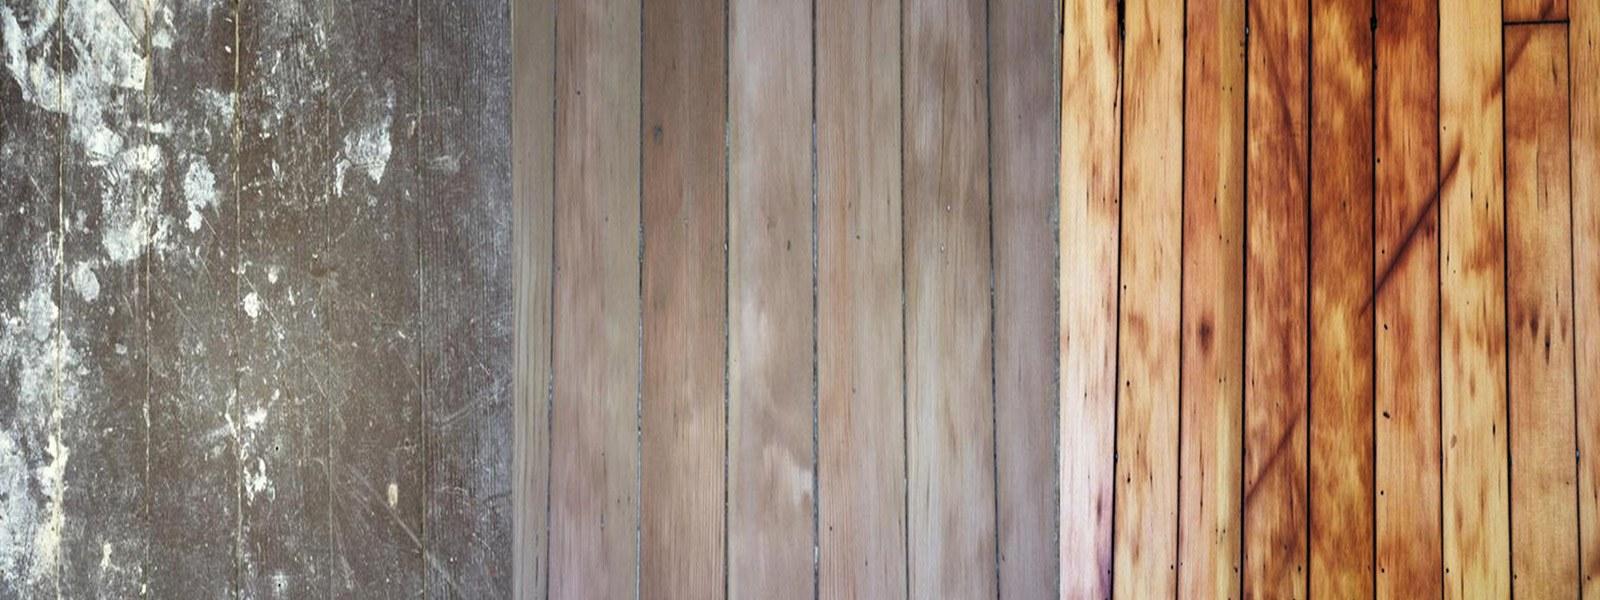 Repair And Restore Calhoun And Sons Hardwood Flooring